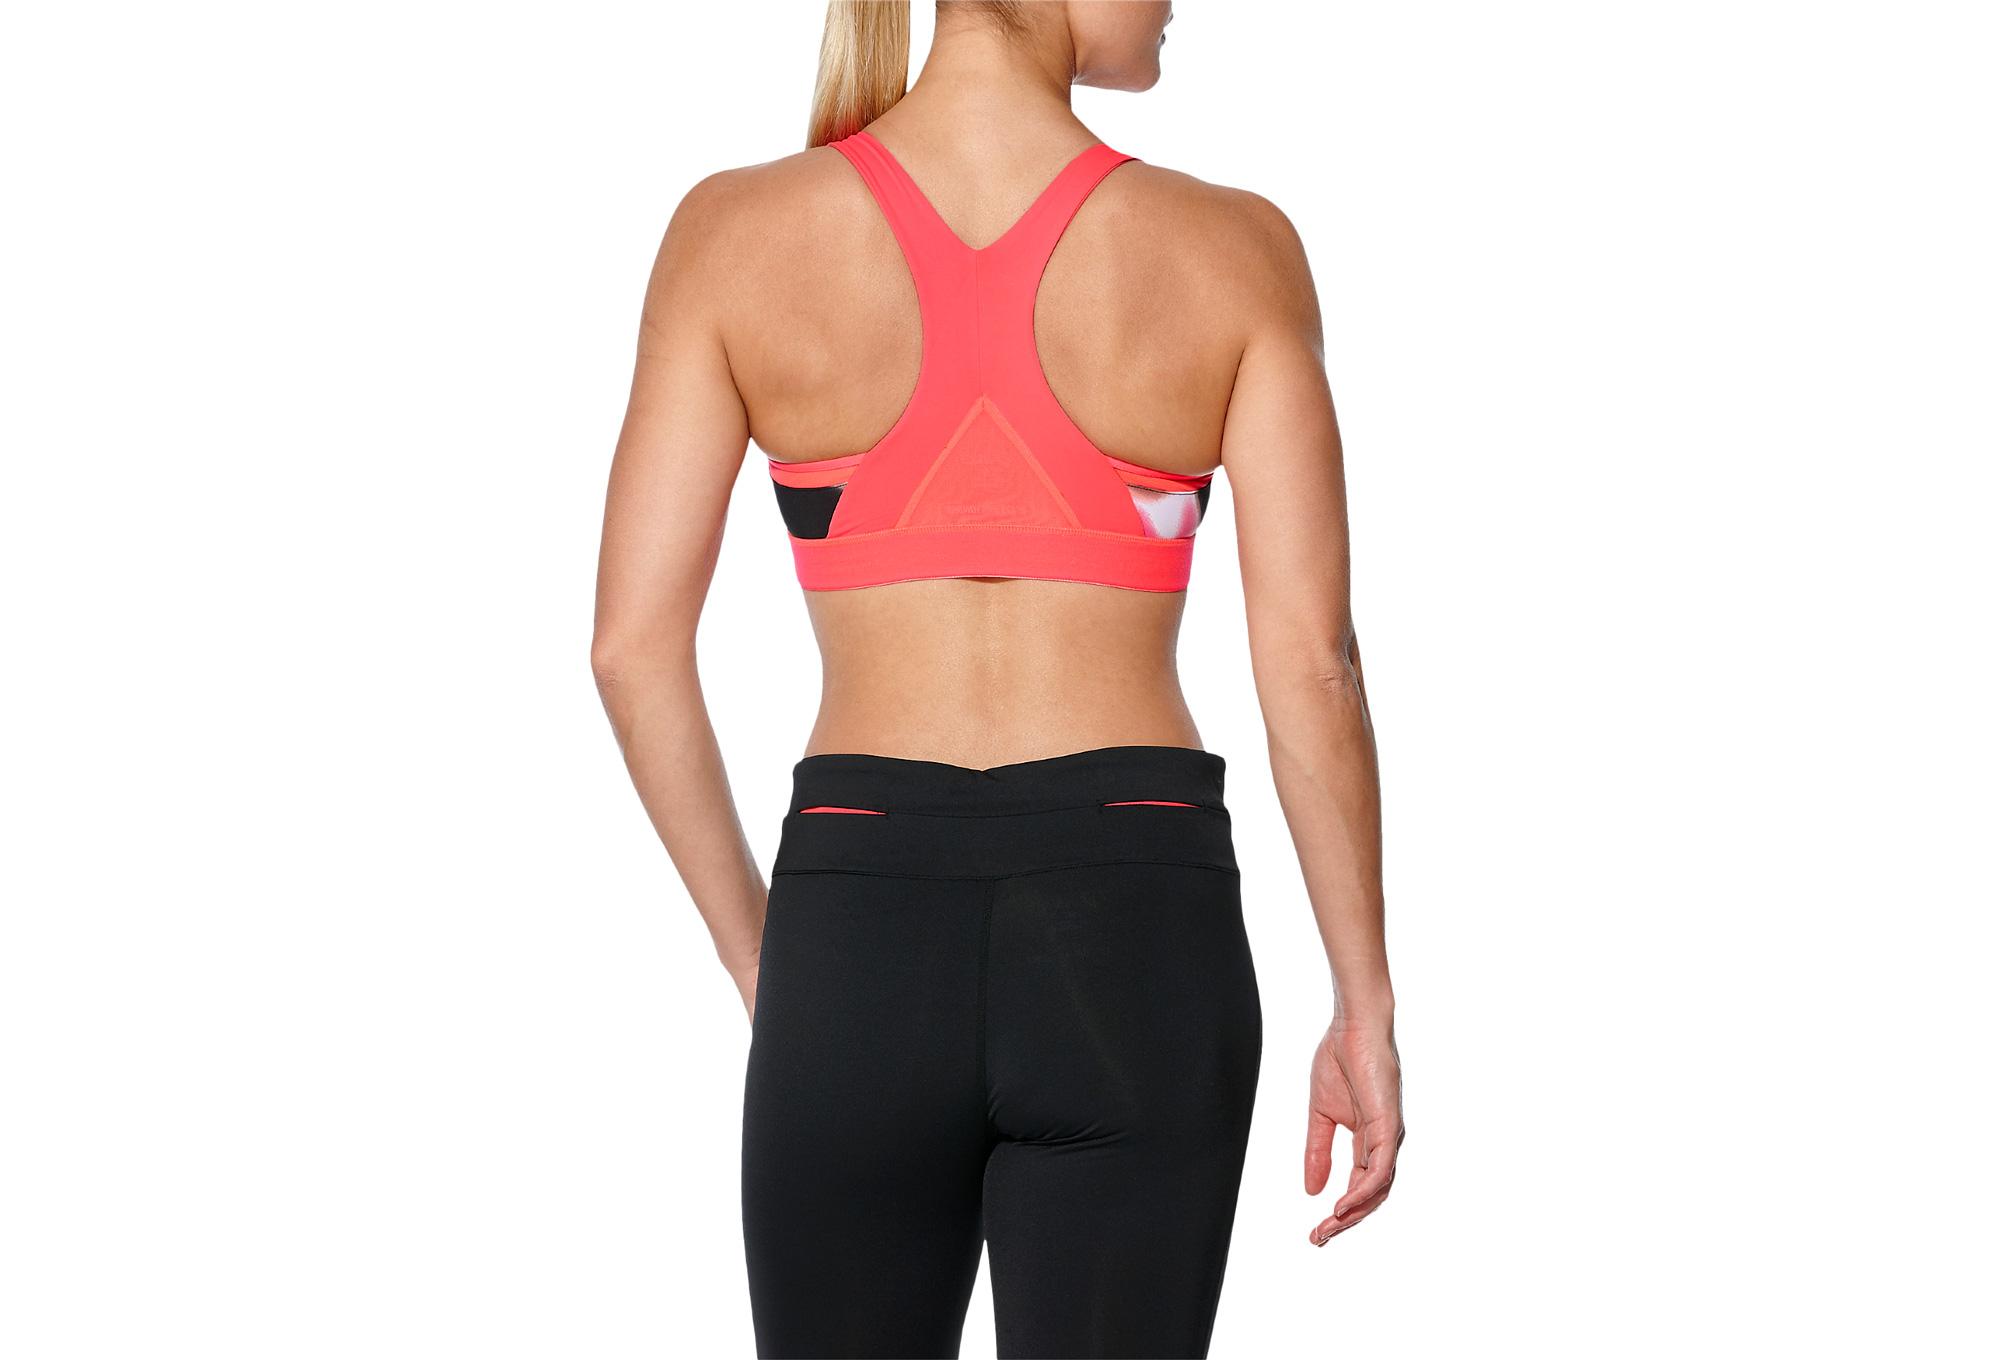 najnowsza zniżka 100% autentyczny zamówienie online Asics Sport Bra Fuzex Orange Black Women